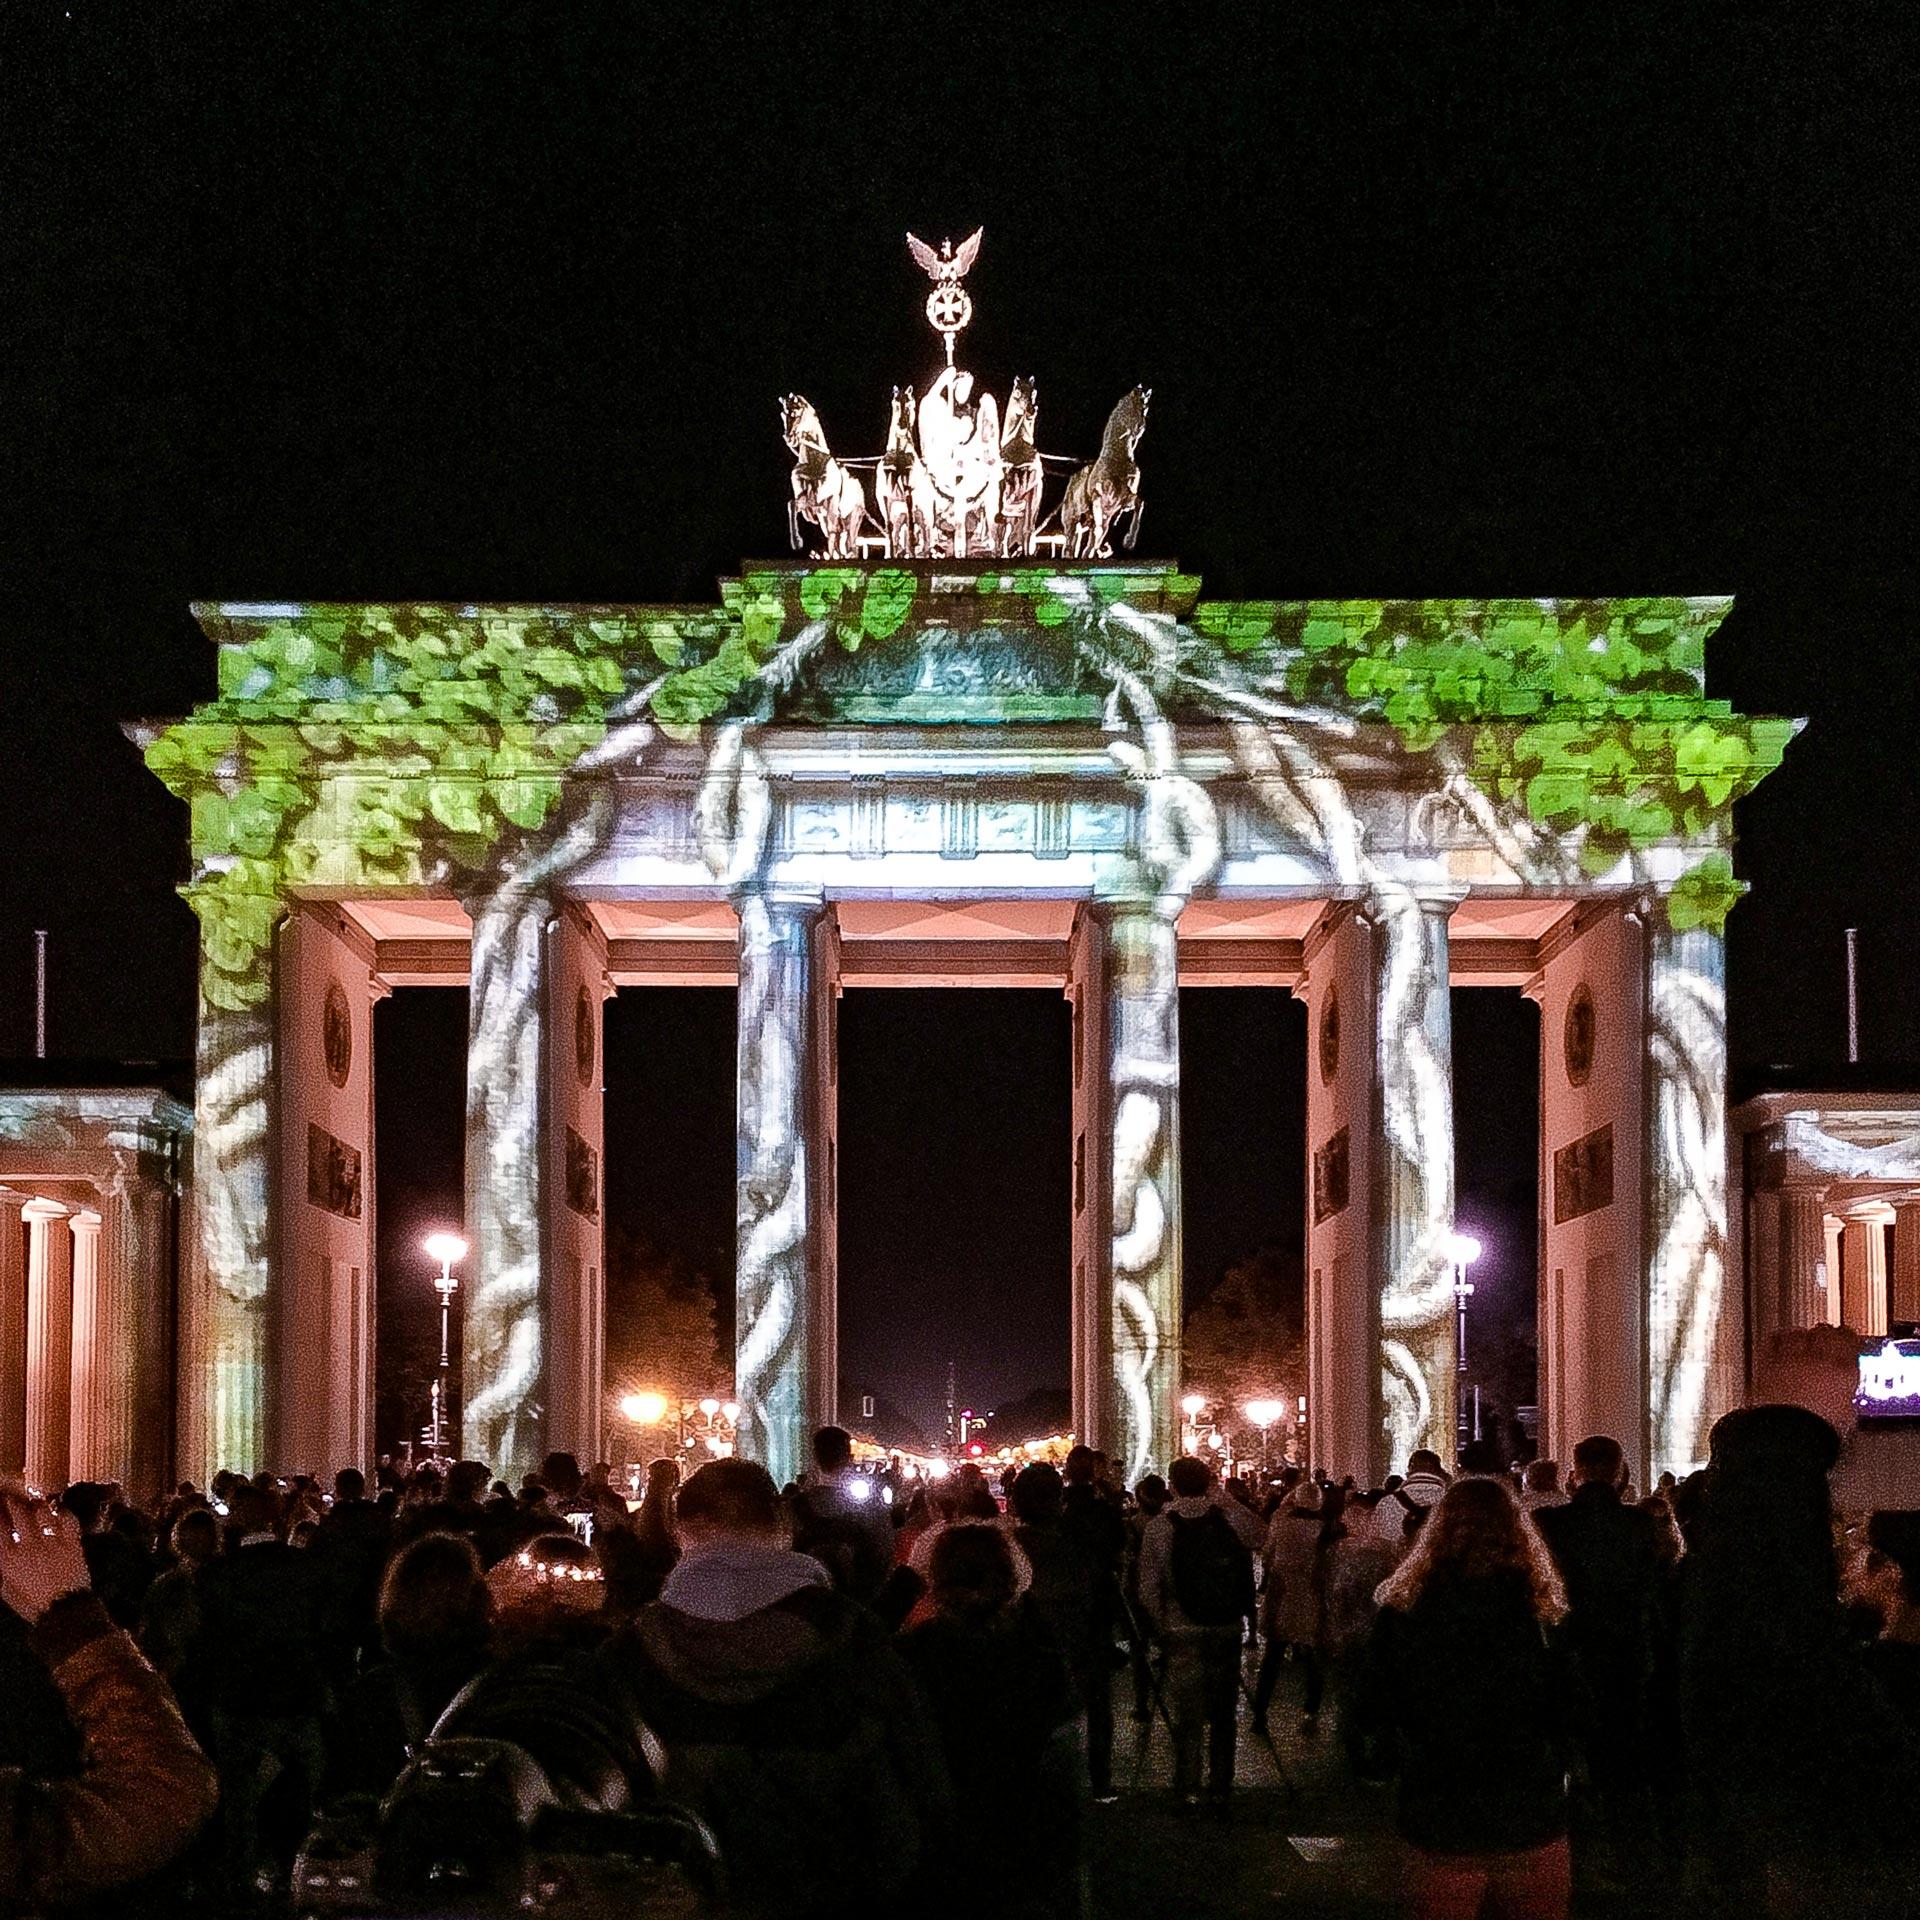 Festival of Lights 2017: Das Brandenburger Tor steht im Wald